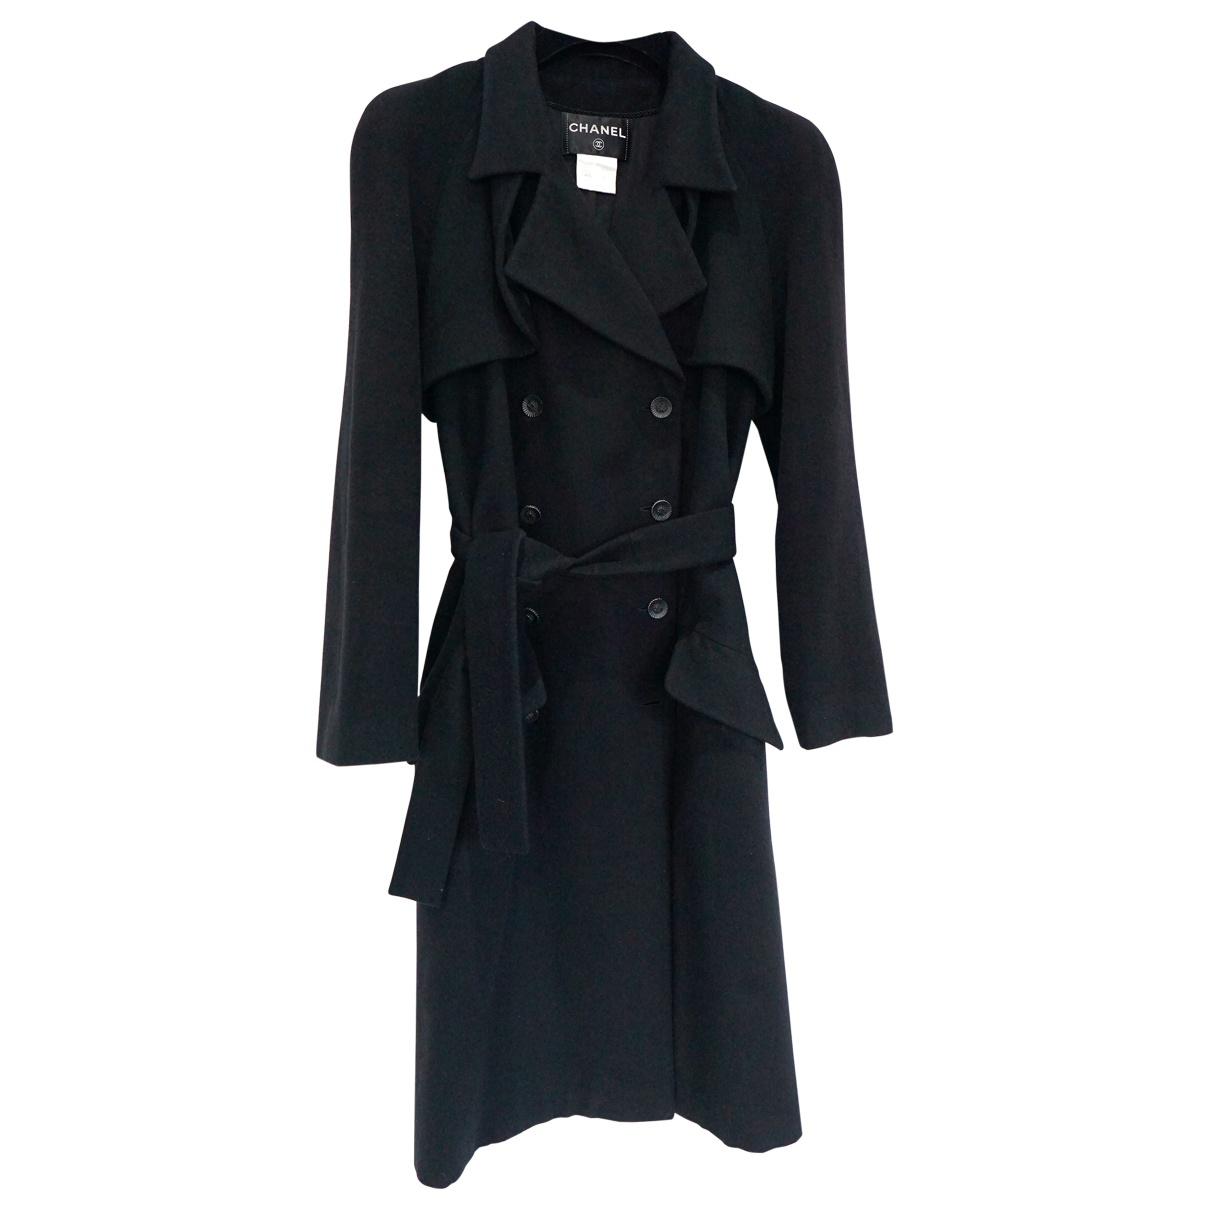 Chanel \N Black Cashmere coat for Women 38 FR